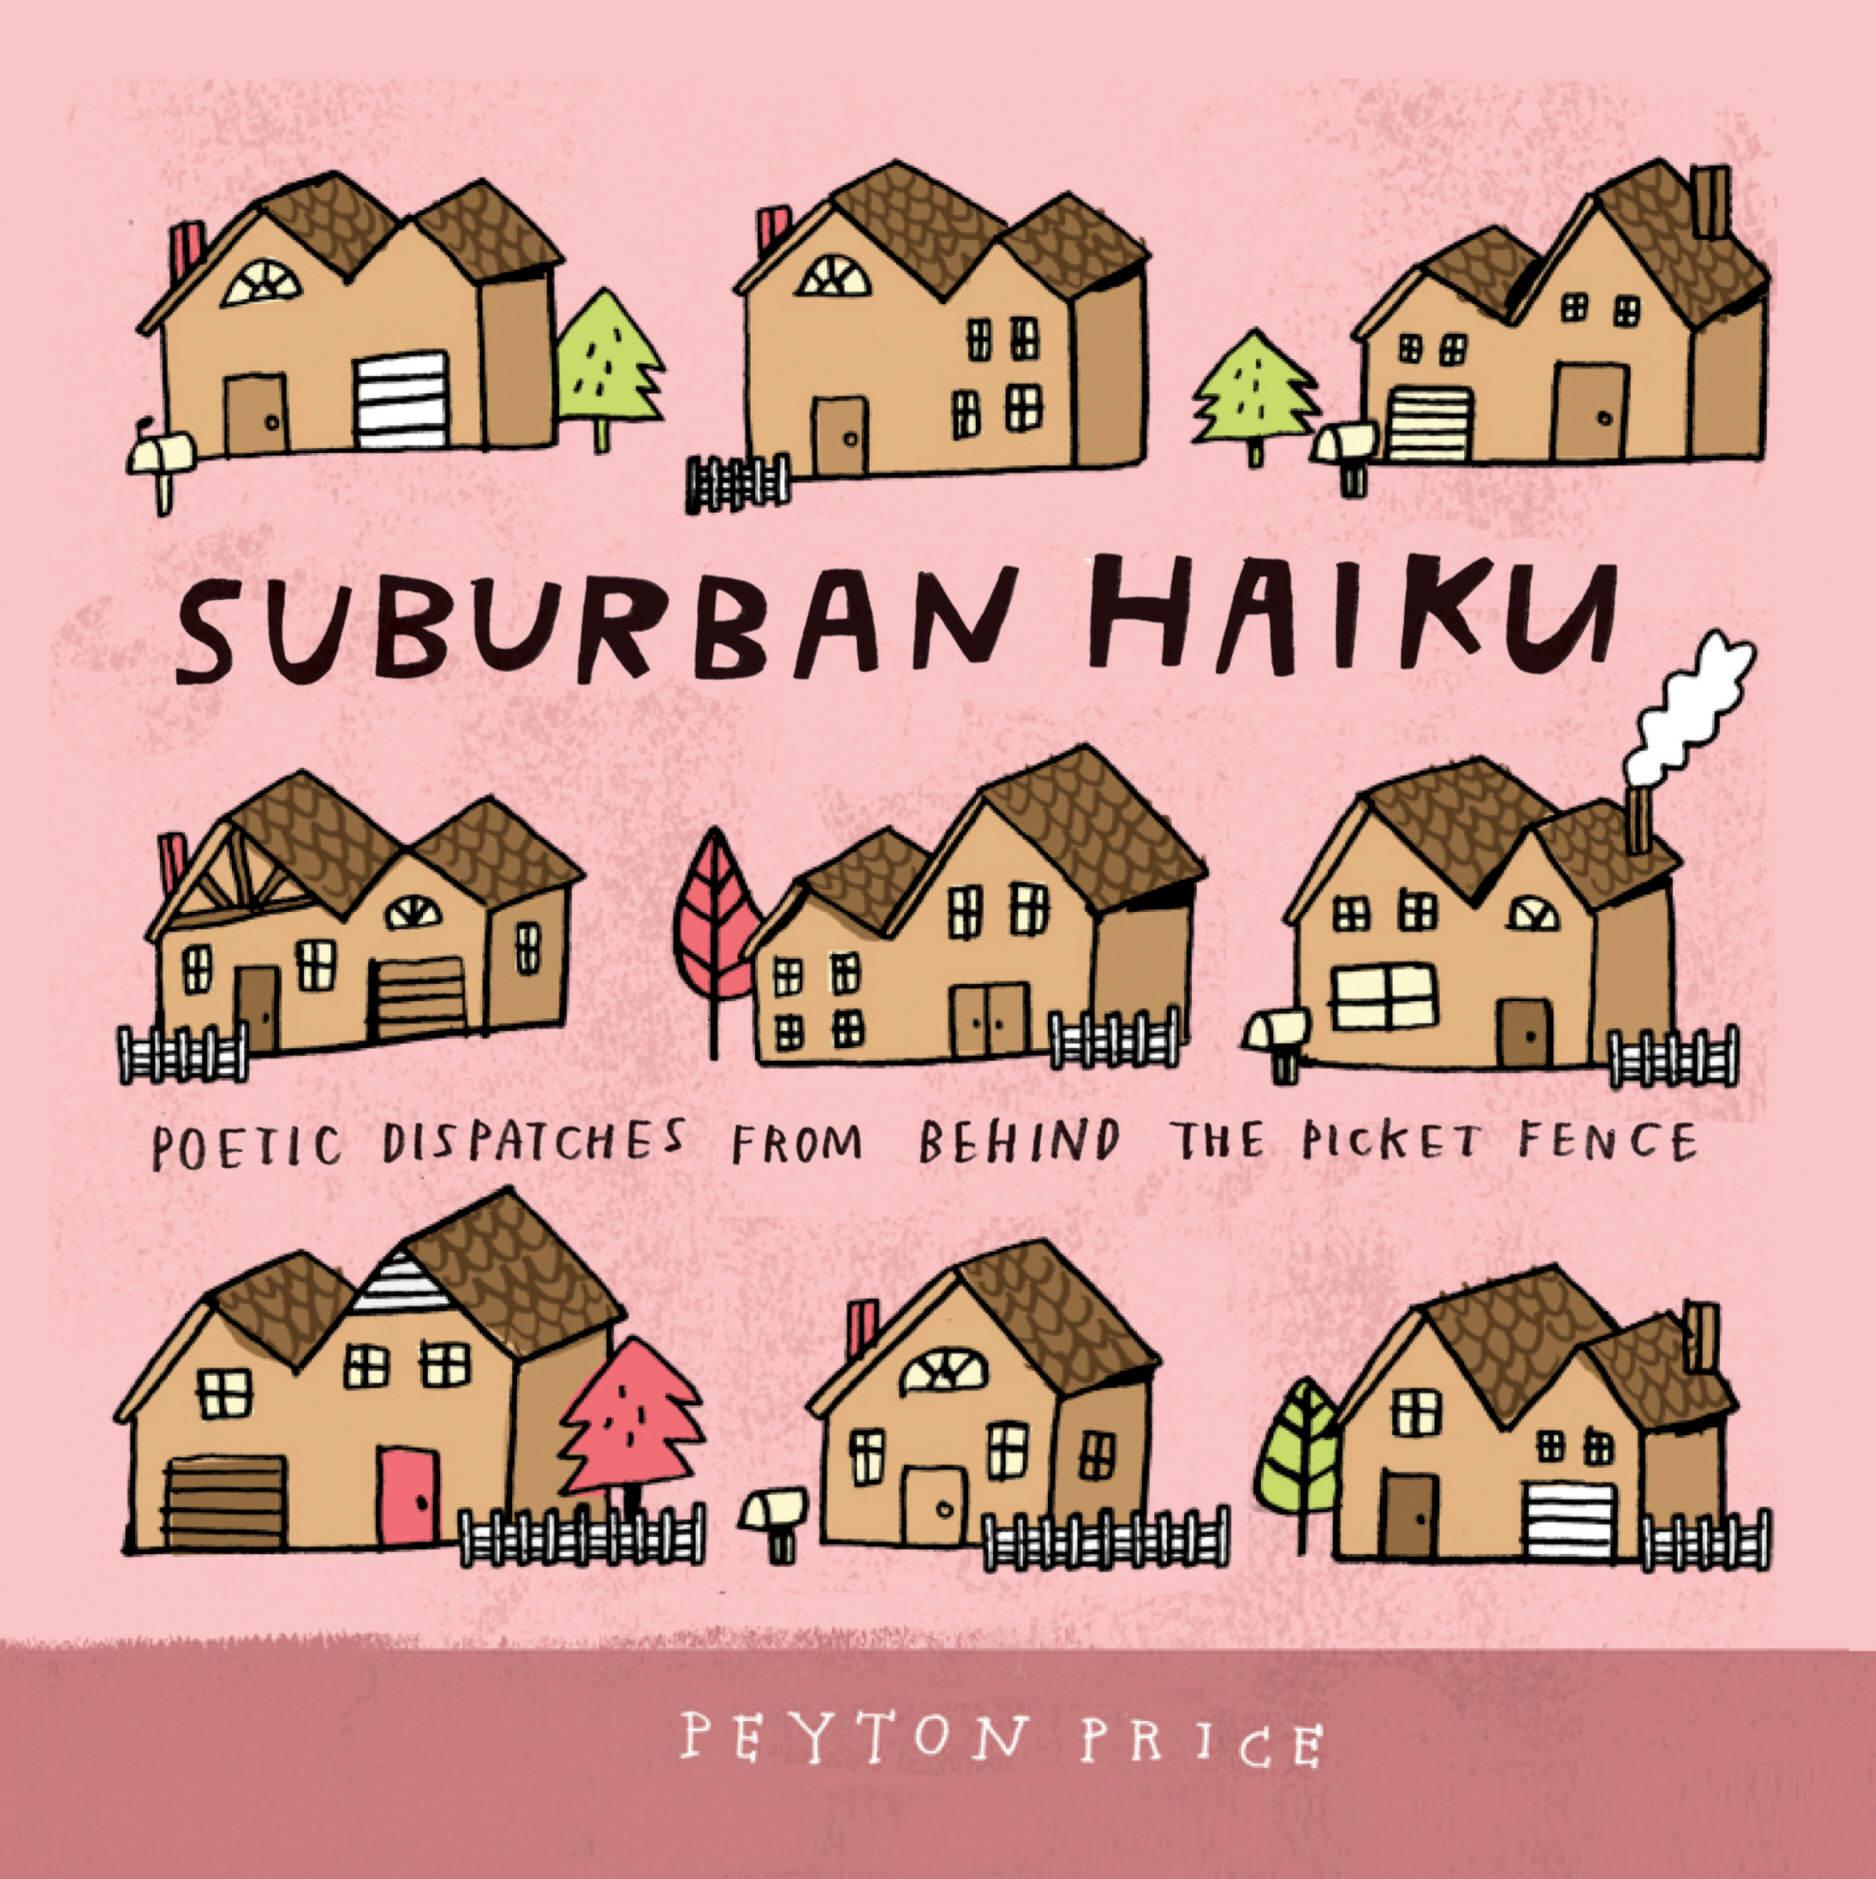 Suburban-haiku-peyton-price